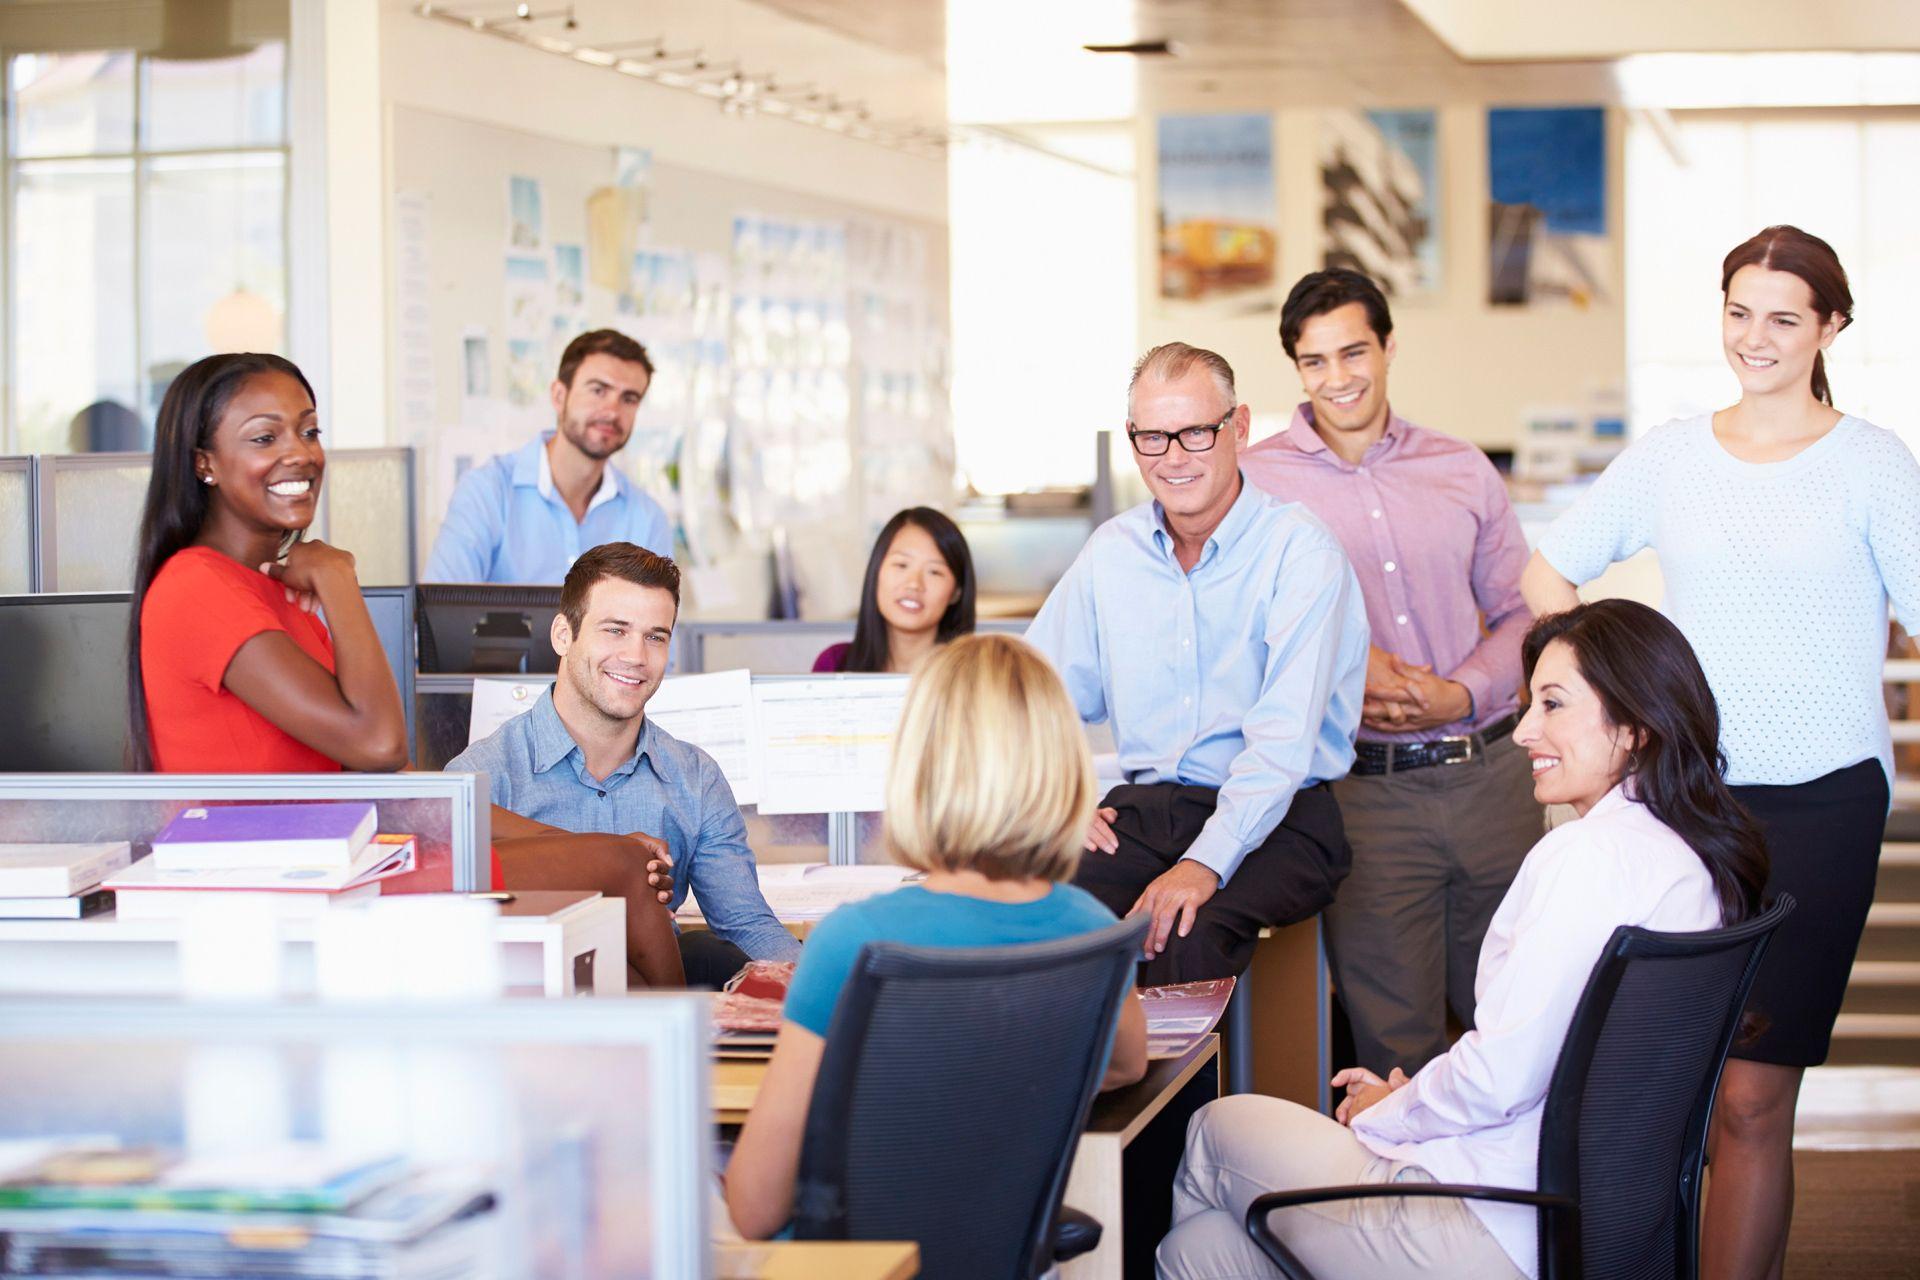 La cultura Happy en la empresa, es posible conseguir la felicidad laboral.